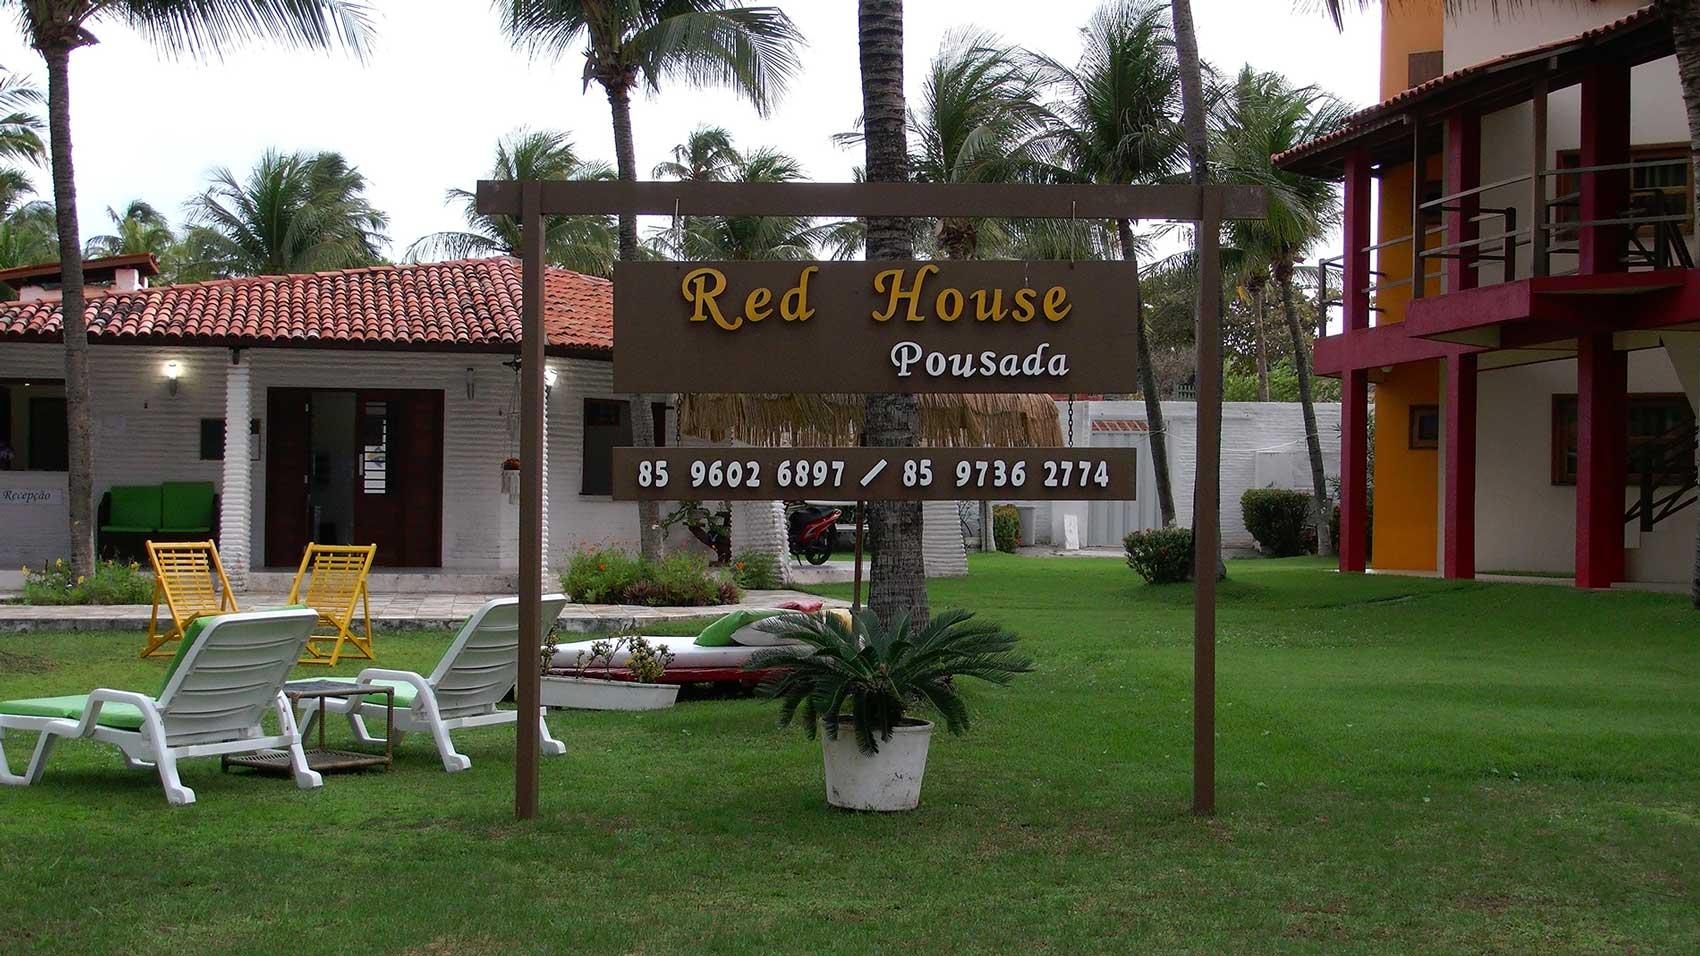 Pousada Red House Flecheiras